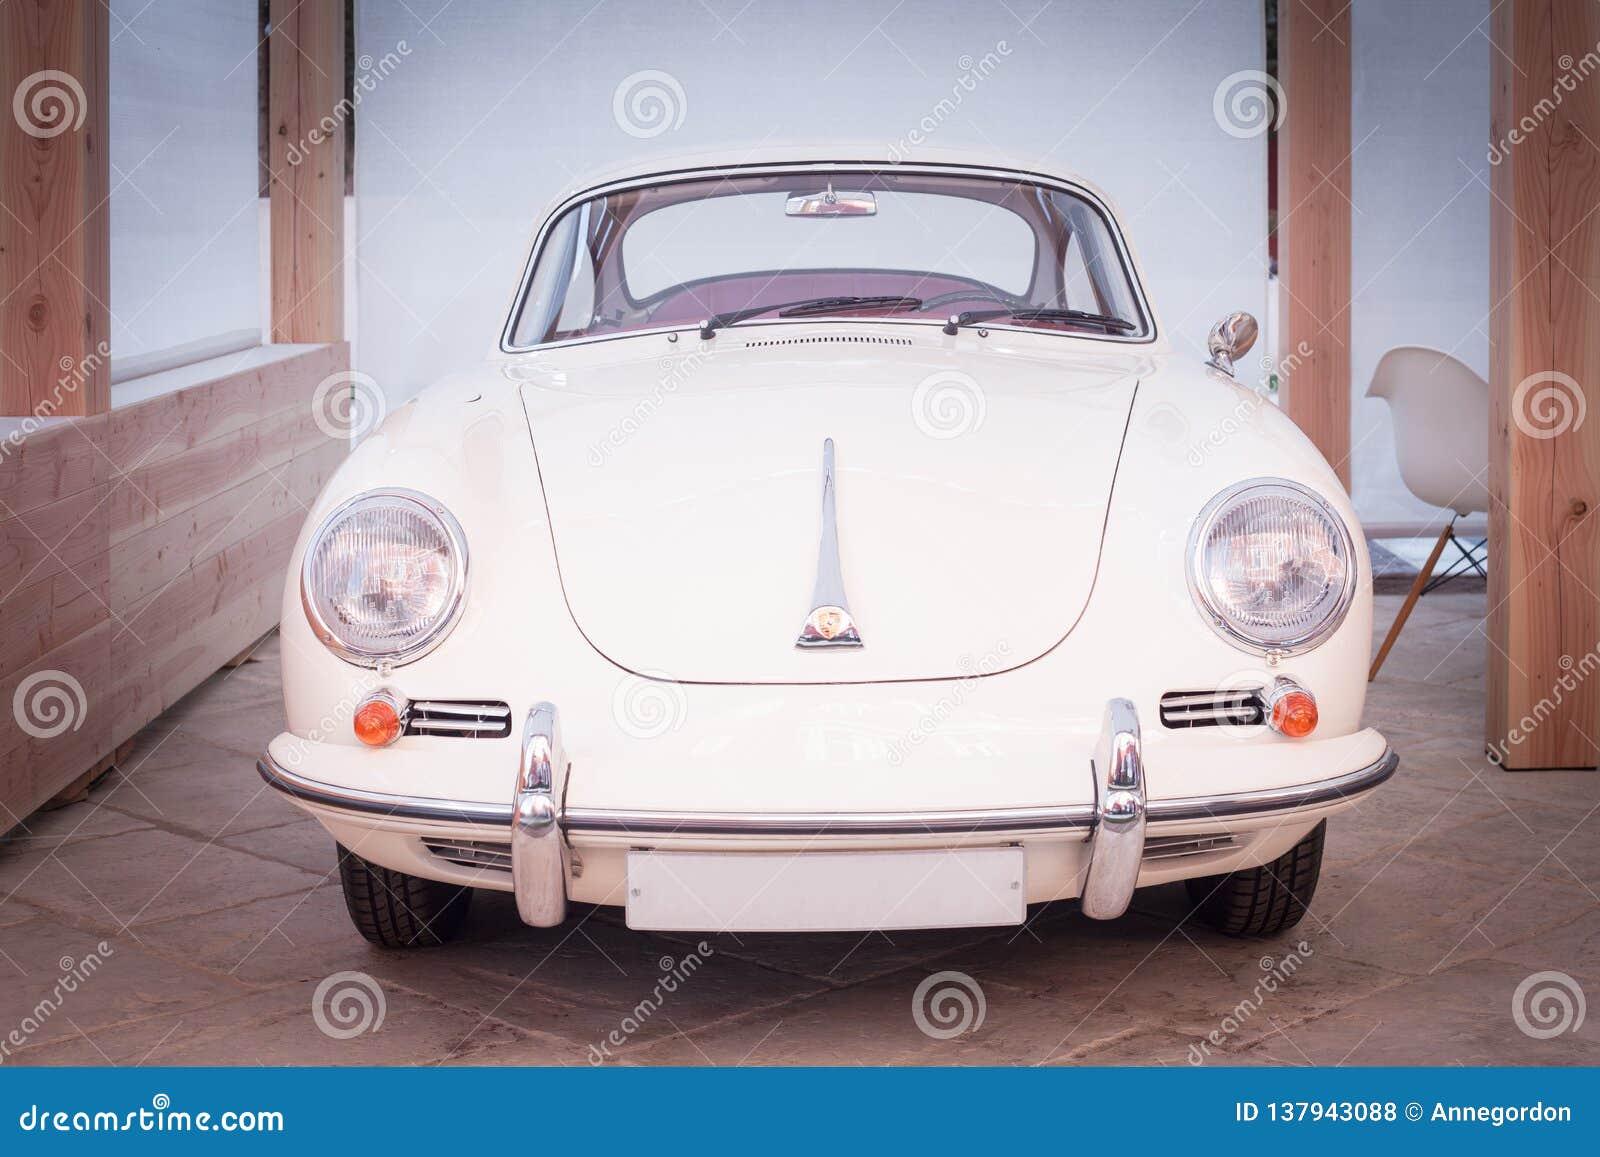 Sportauto Lassic-fünfziger Jahre Porsches 356 im Weiß